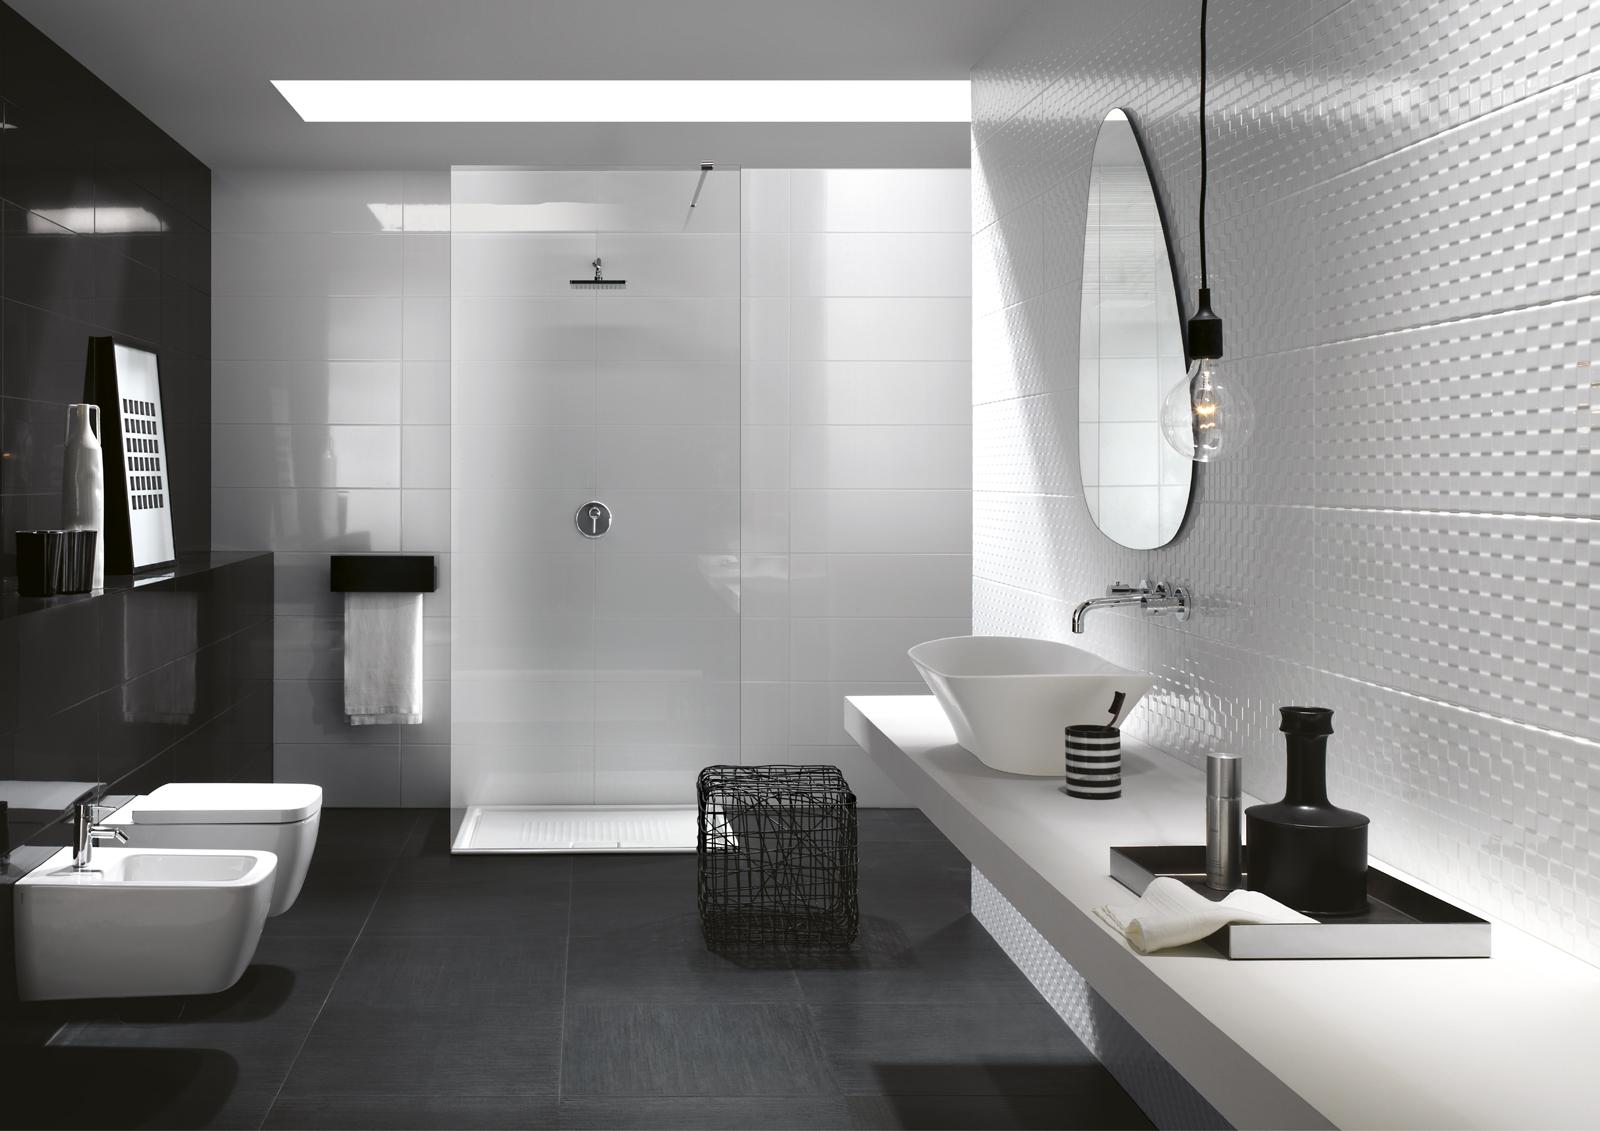 prestige ceramic tiles ragno_4038